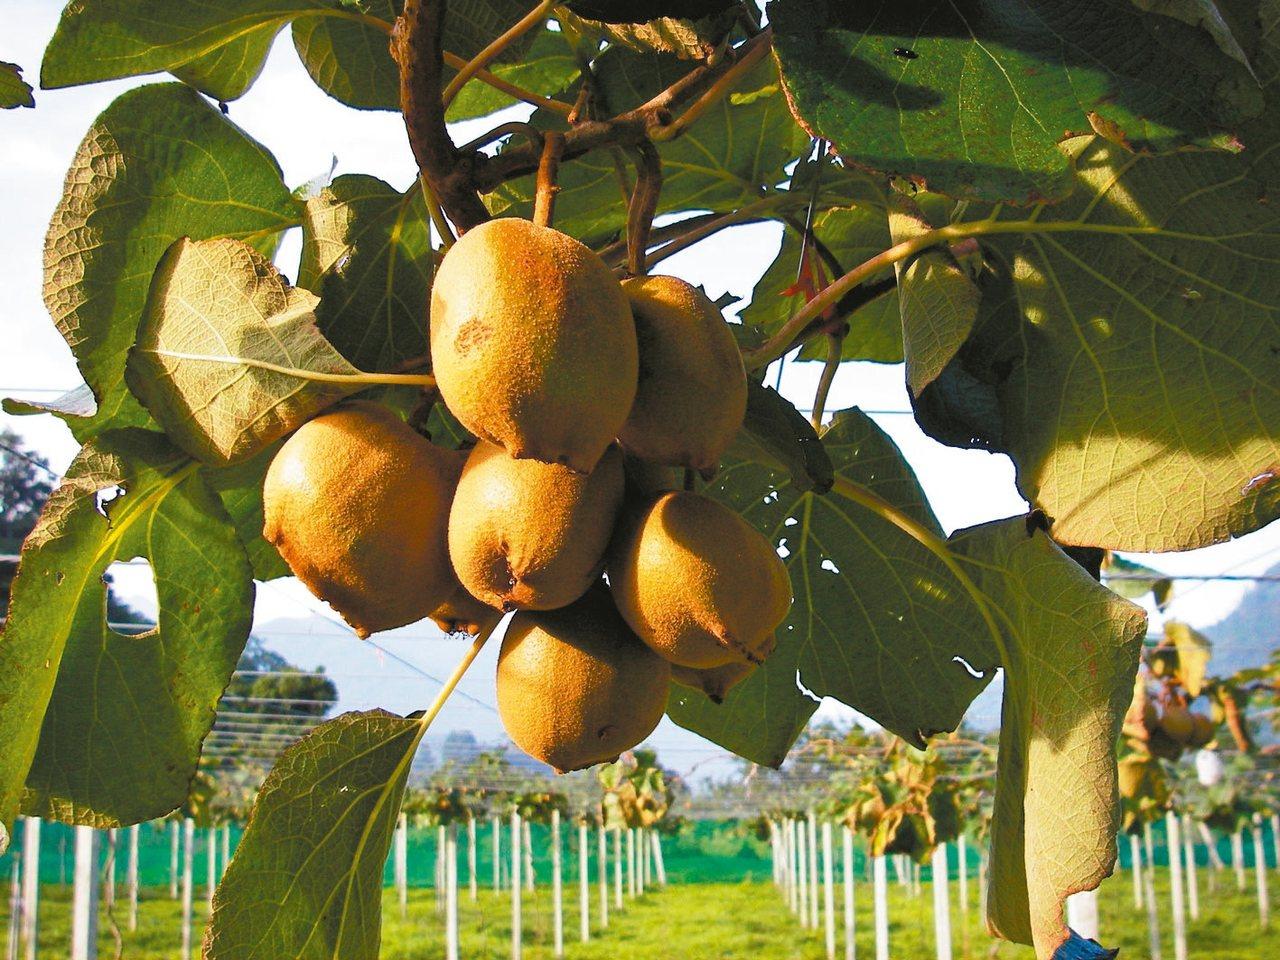 奇異果原產於中國,而現在南投也有種植。 圖╱聯合報系資料照片